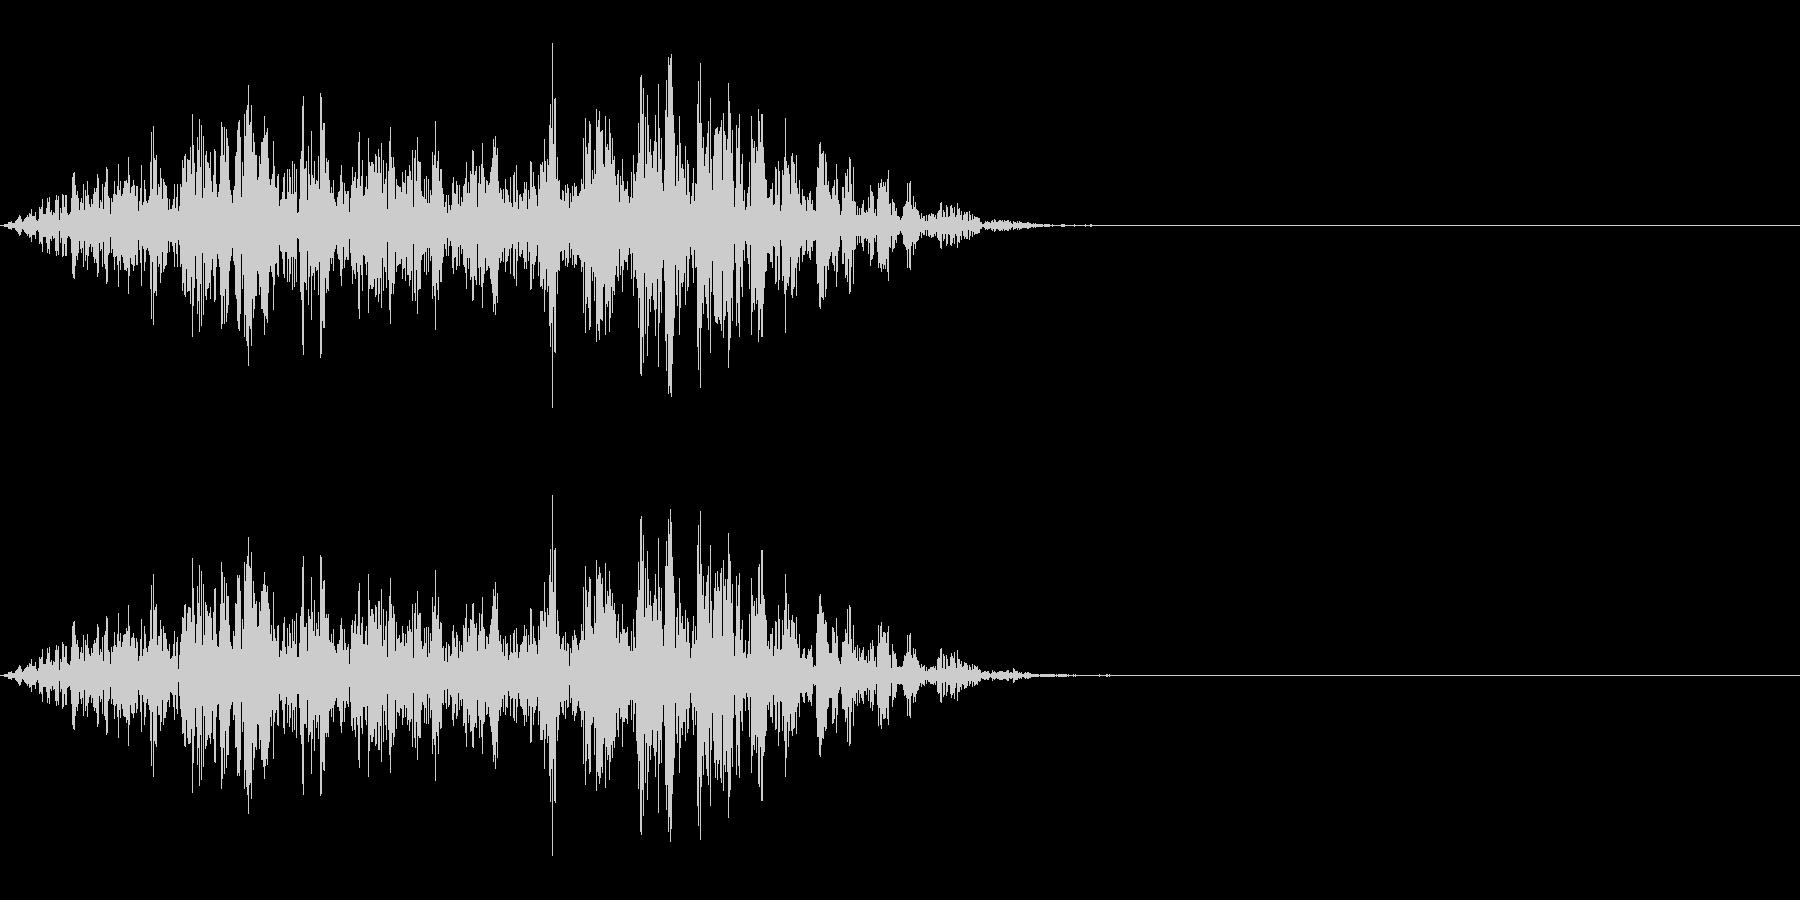 動く音 2の未再生の波形